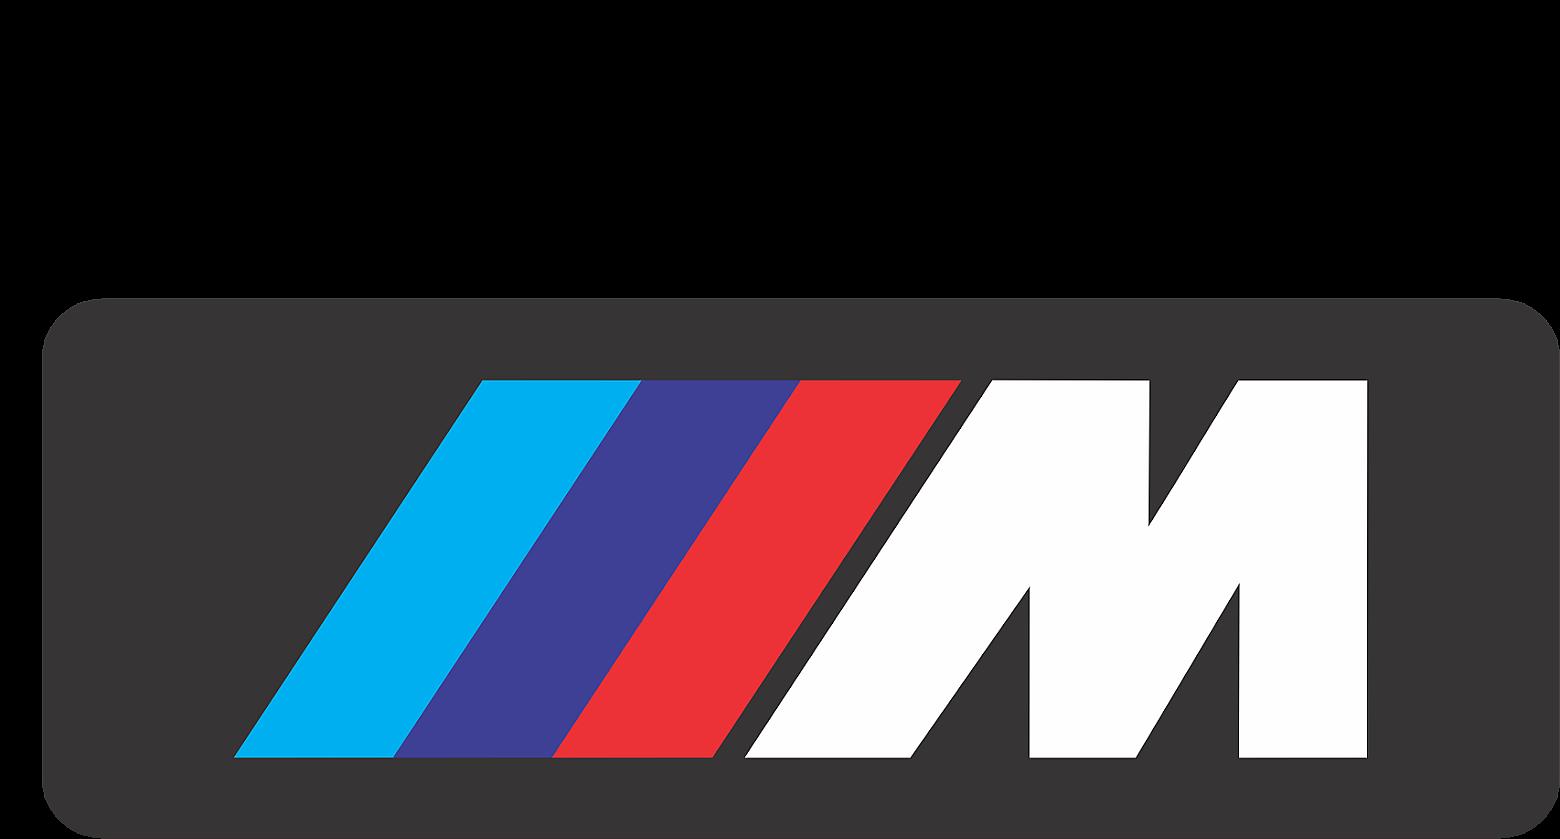 Download Motorsport Bmw Logo Vector Format Cdr Ai Eps Svg Pdf Bmw M Logo Full Size Png Image Pngkit